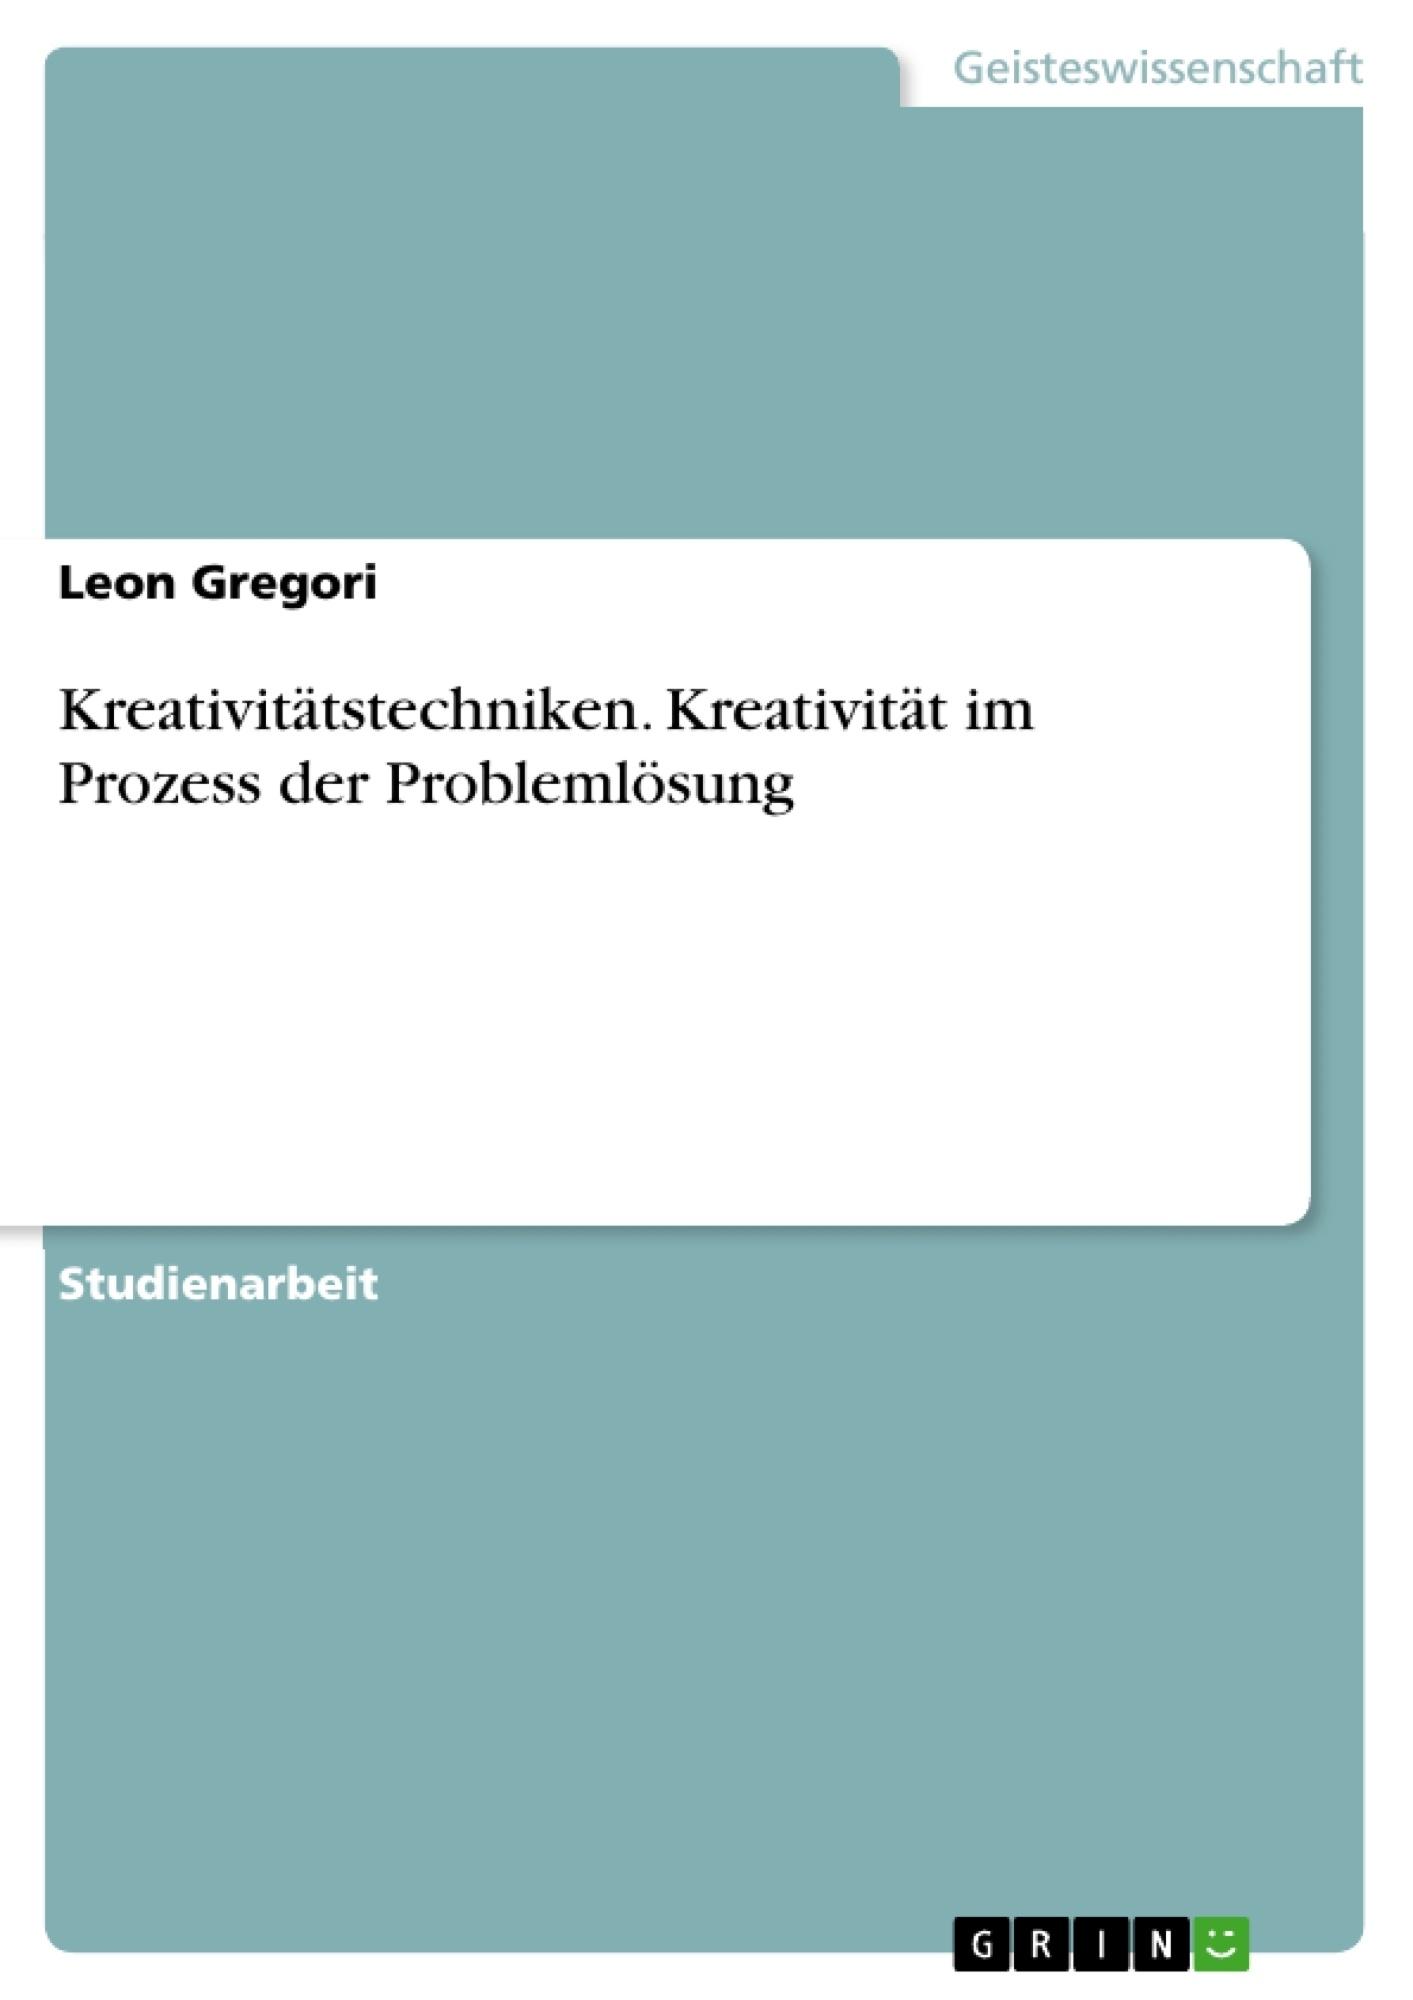 Titel: Kreativitätstechniken. Kreativität im Prozess der Problemlösung